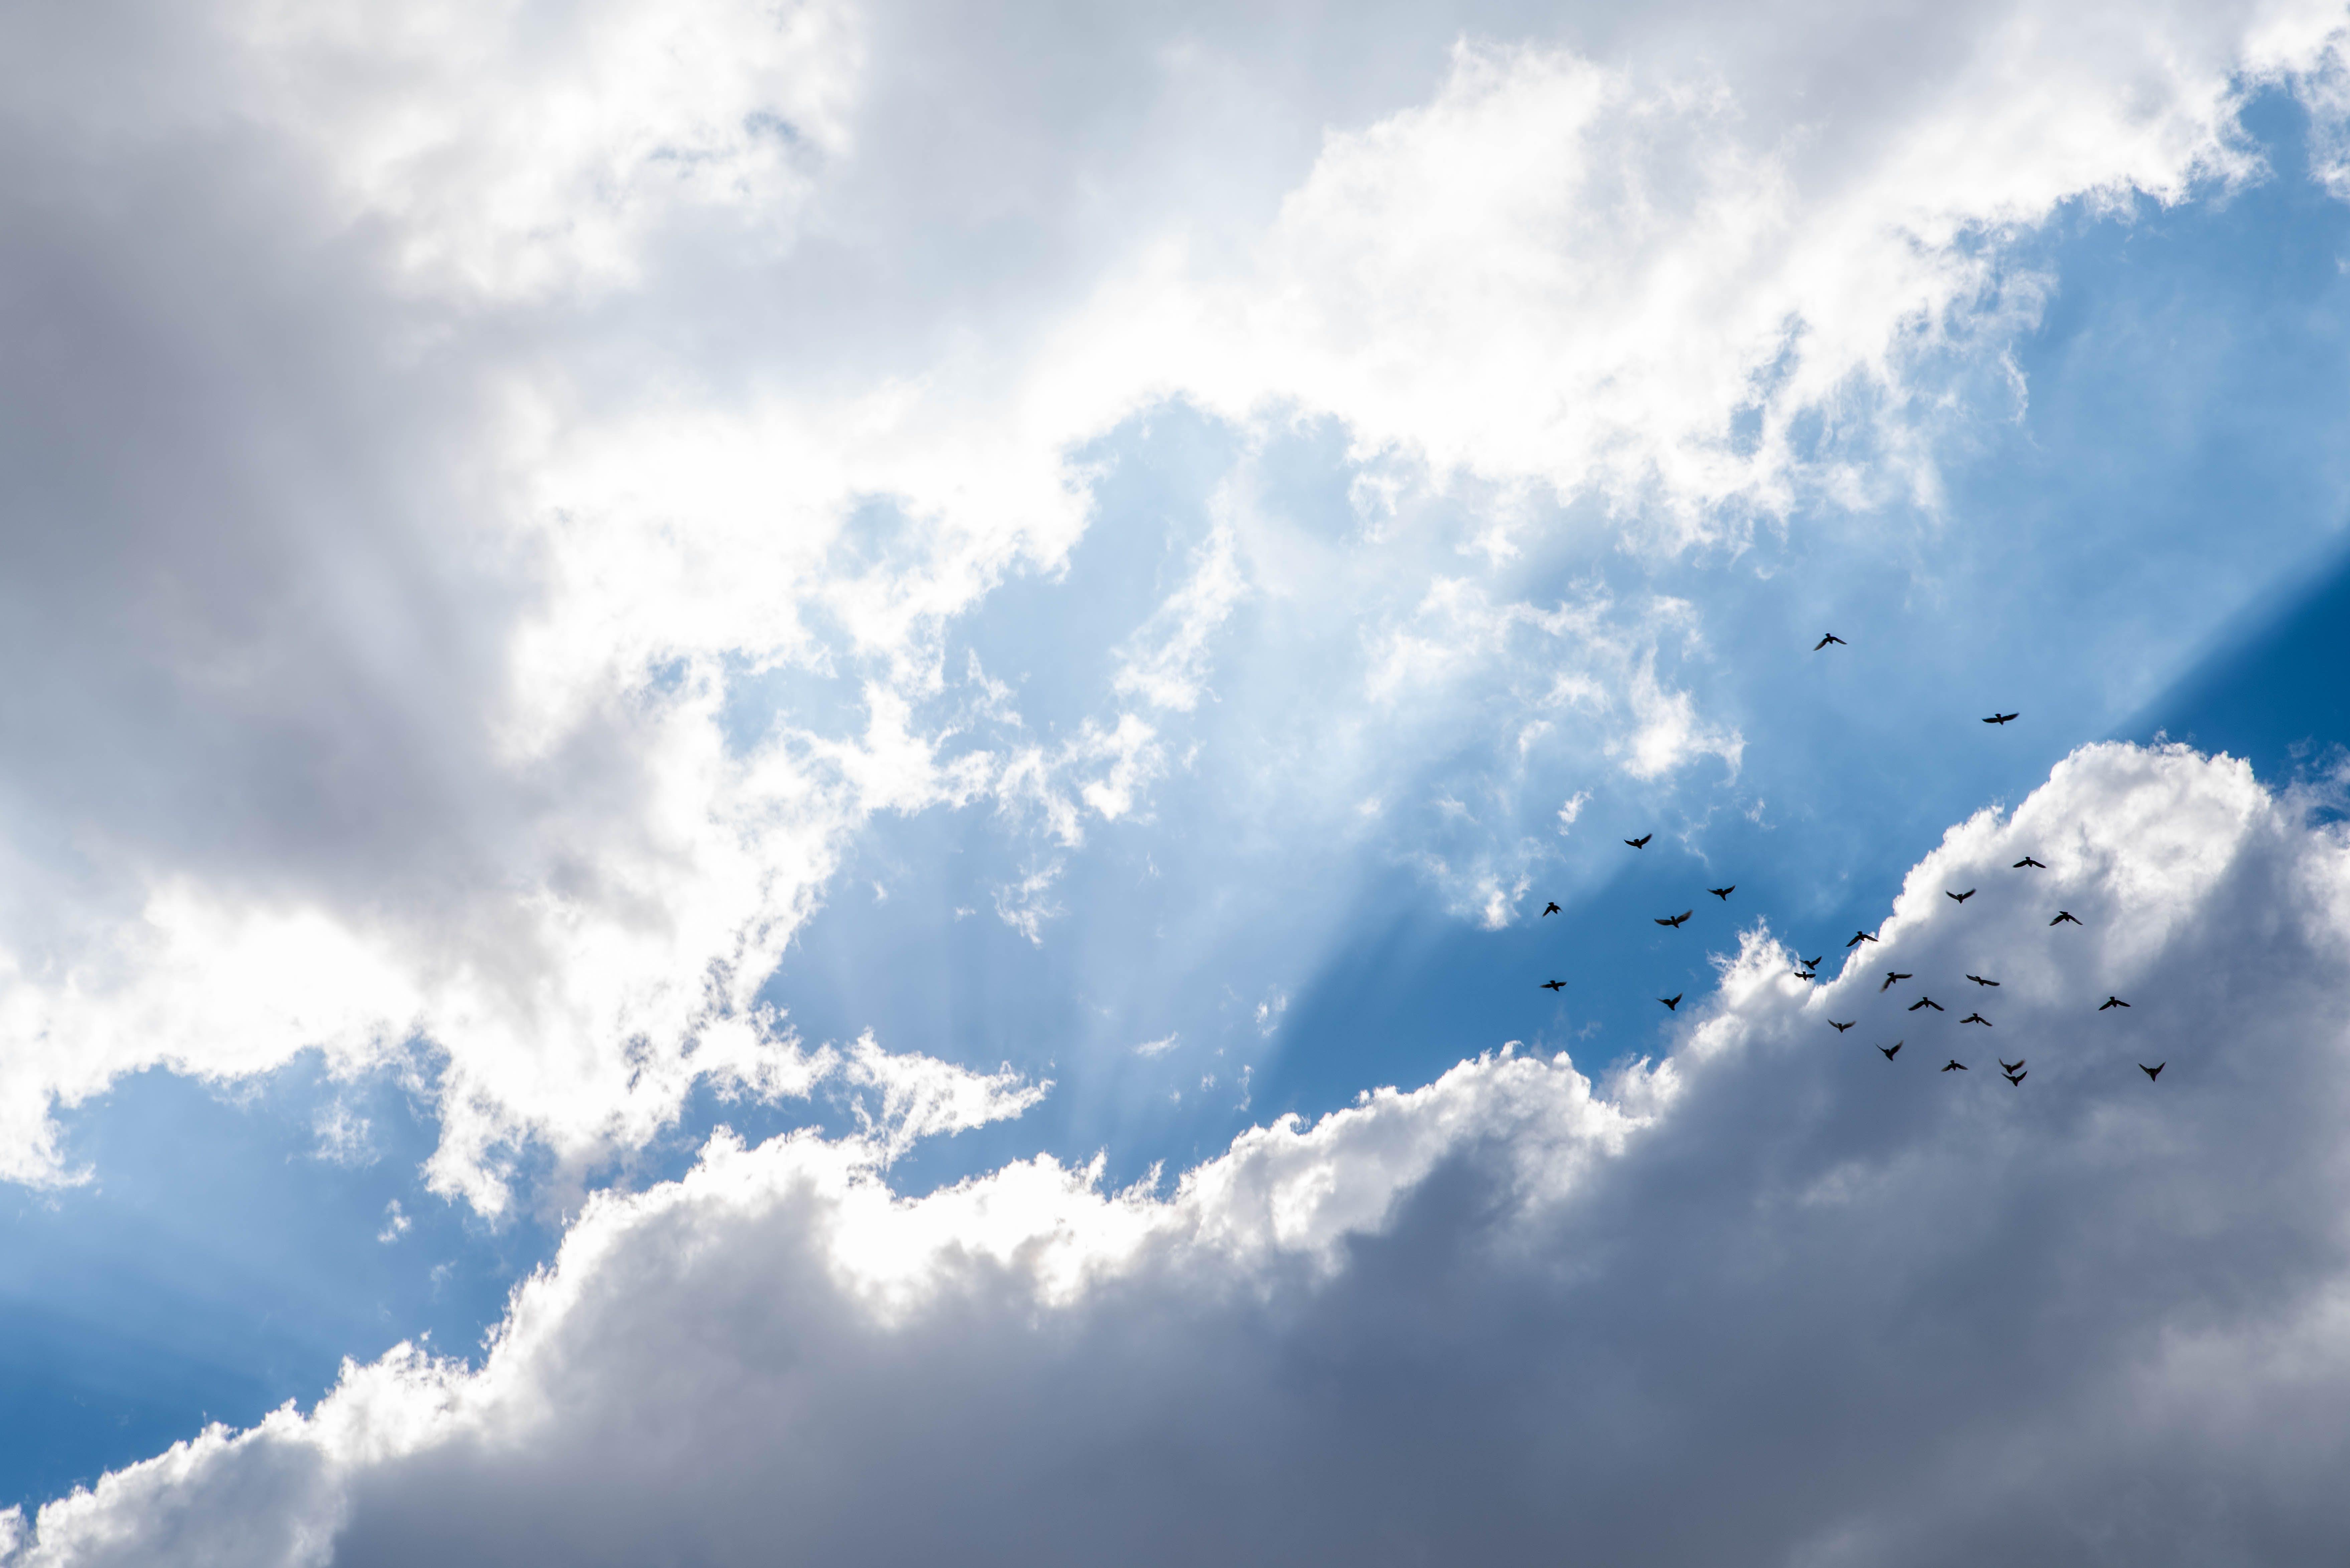 Kostenloses Stock Foto zu beleuchtung, blaue himmel, himmel, sonnenstrahlen